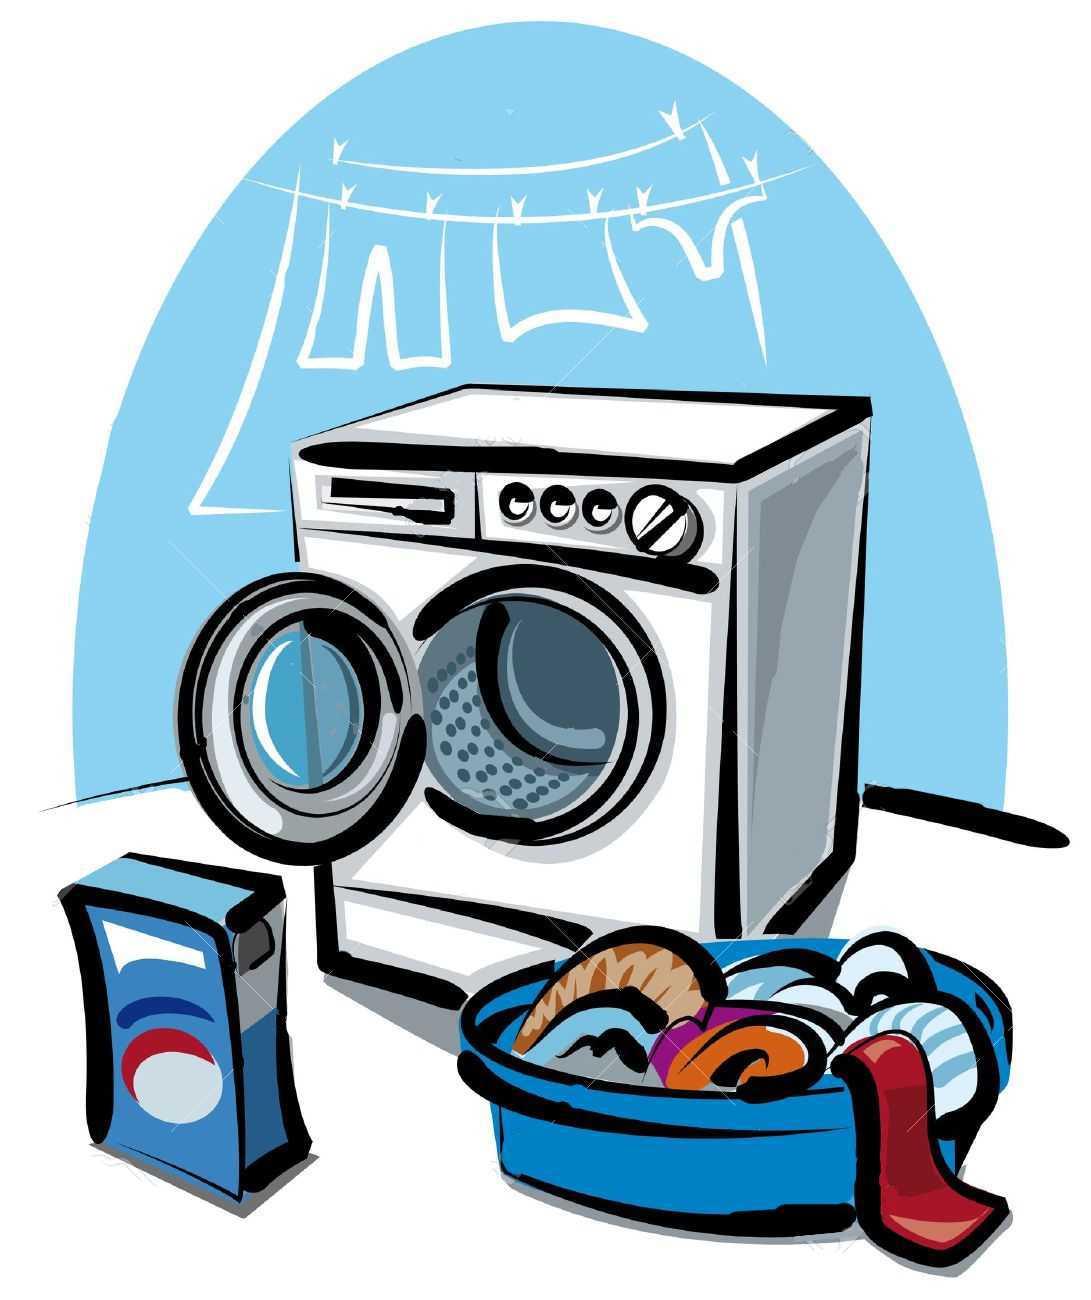 Vous n'avez pas de machine à laver? La vôtre est en panne? La machine à laver du Centre Social est […]